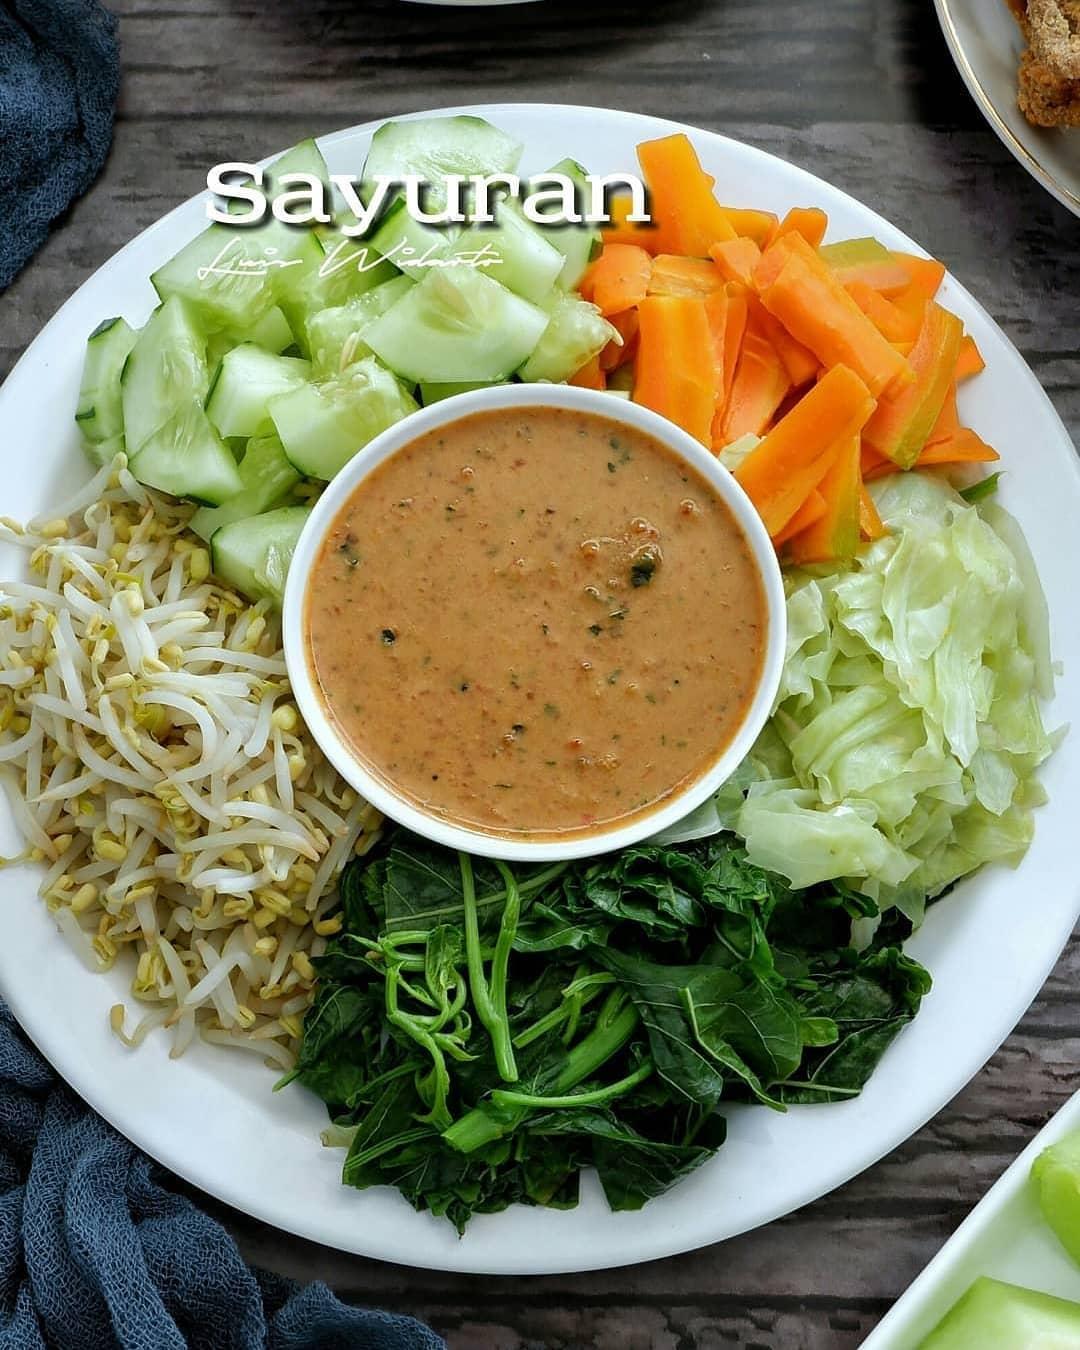 1593479614 235 Info kuliner Menu Sehari Hari Ala @luis widarto Assalamualaikum wr wb Met